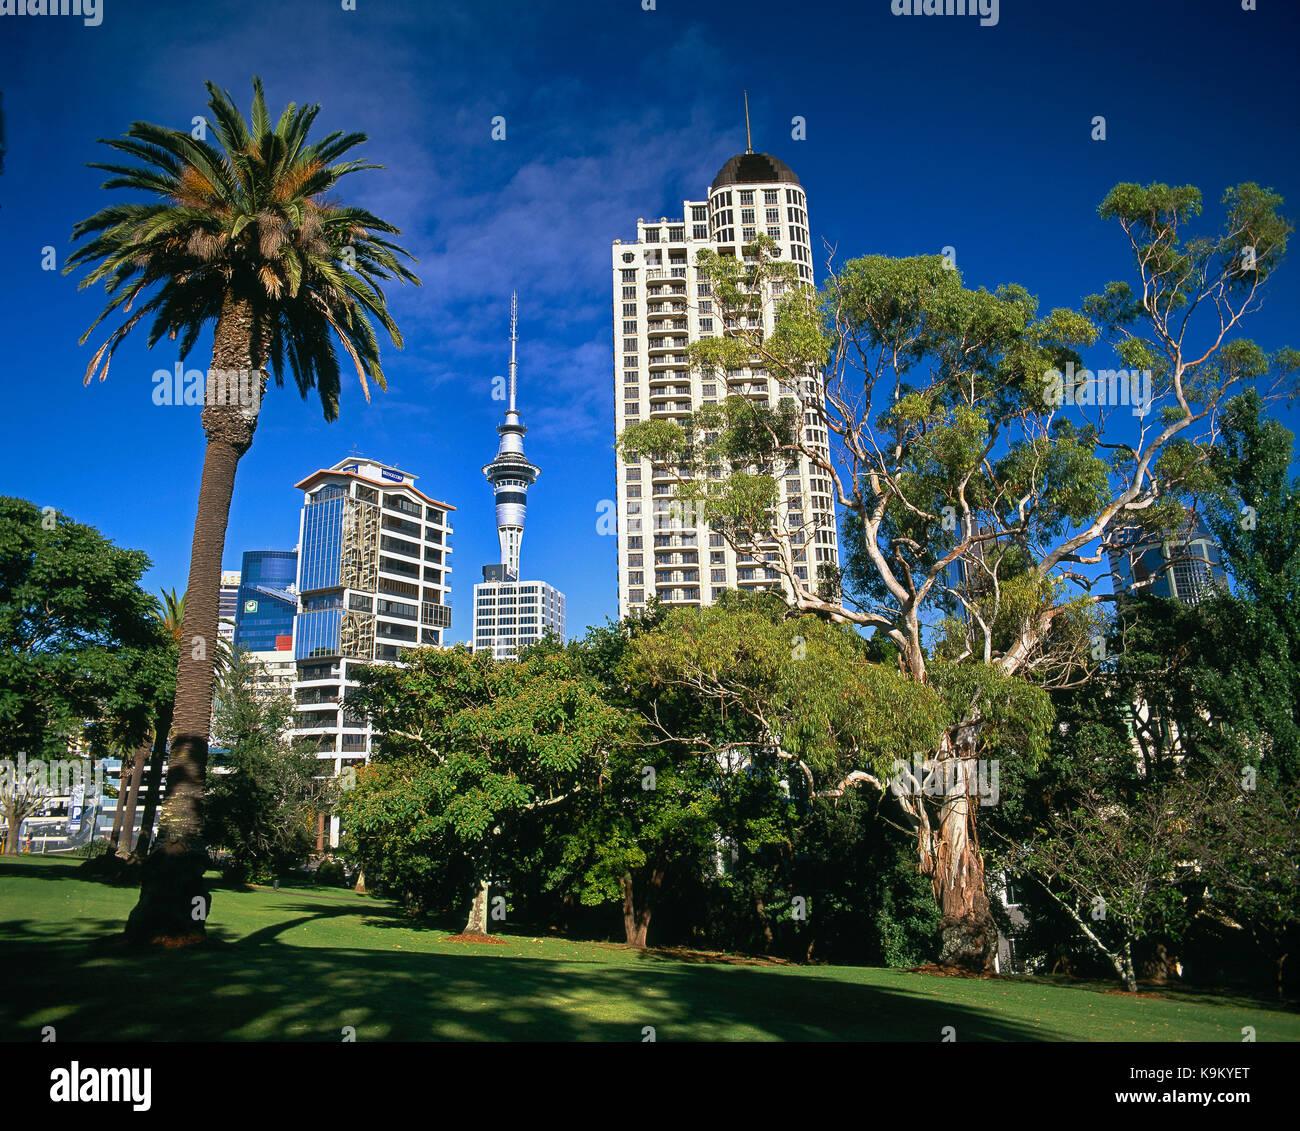 Nuova Zelanda Auckland. basso angolo vista della città di edifici da Myers Park. Immagini Stock